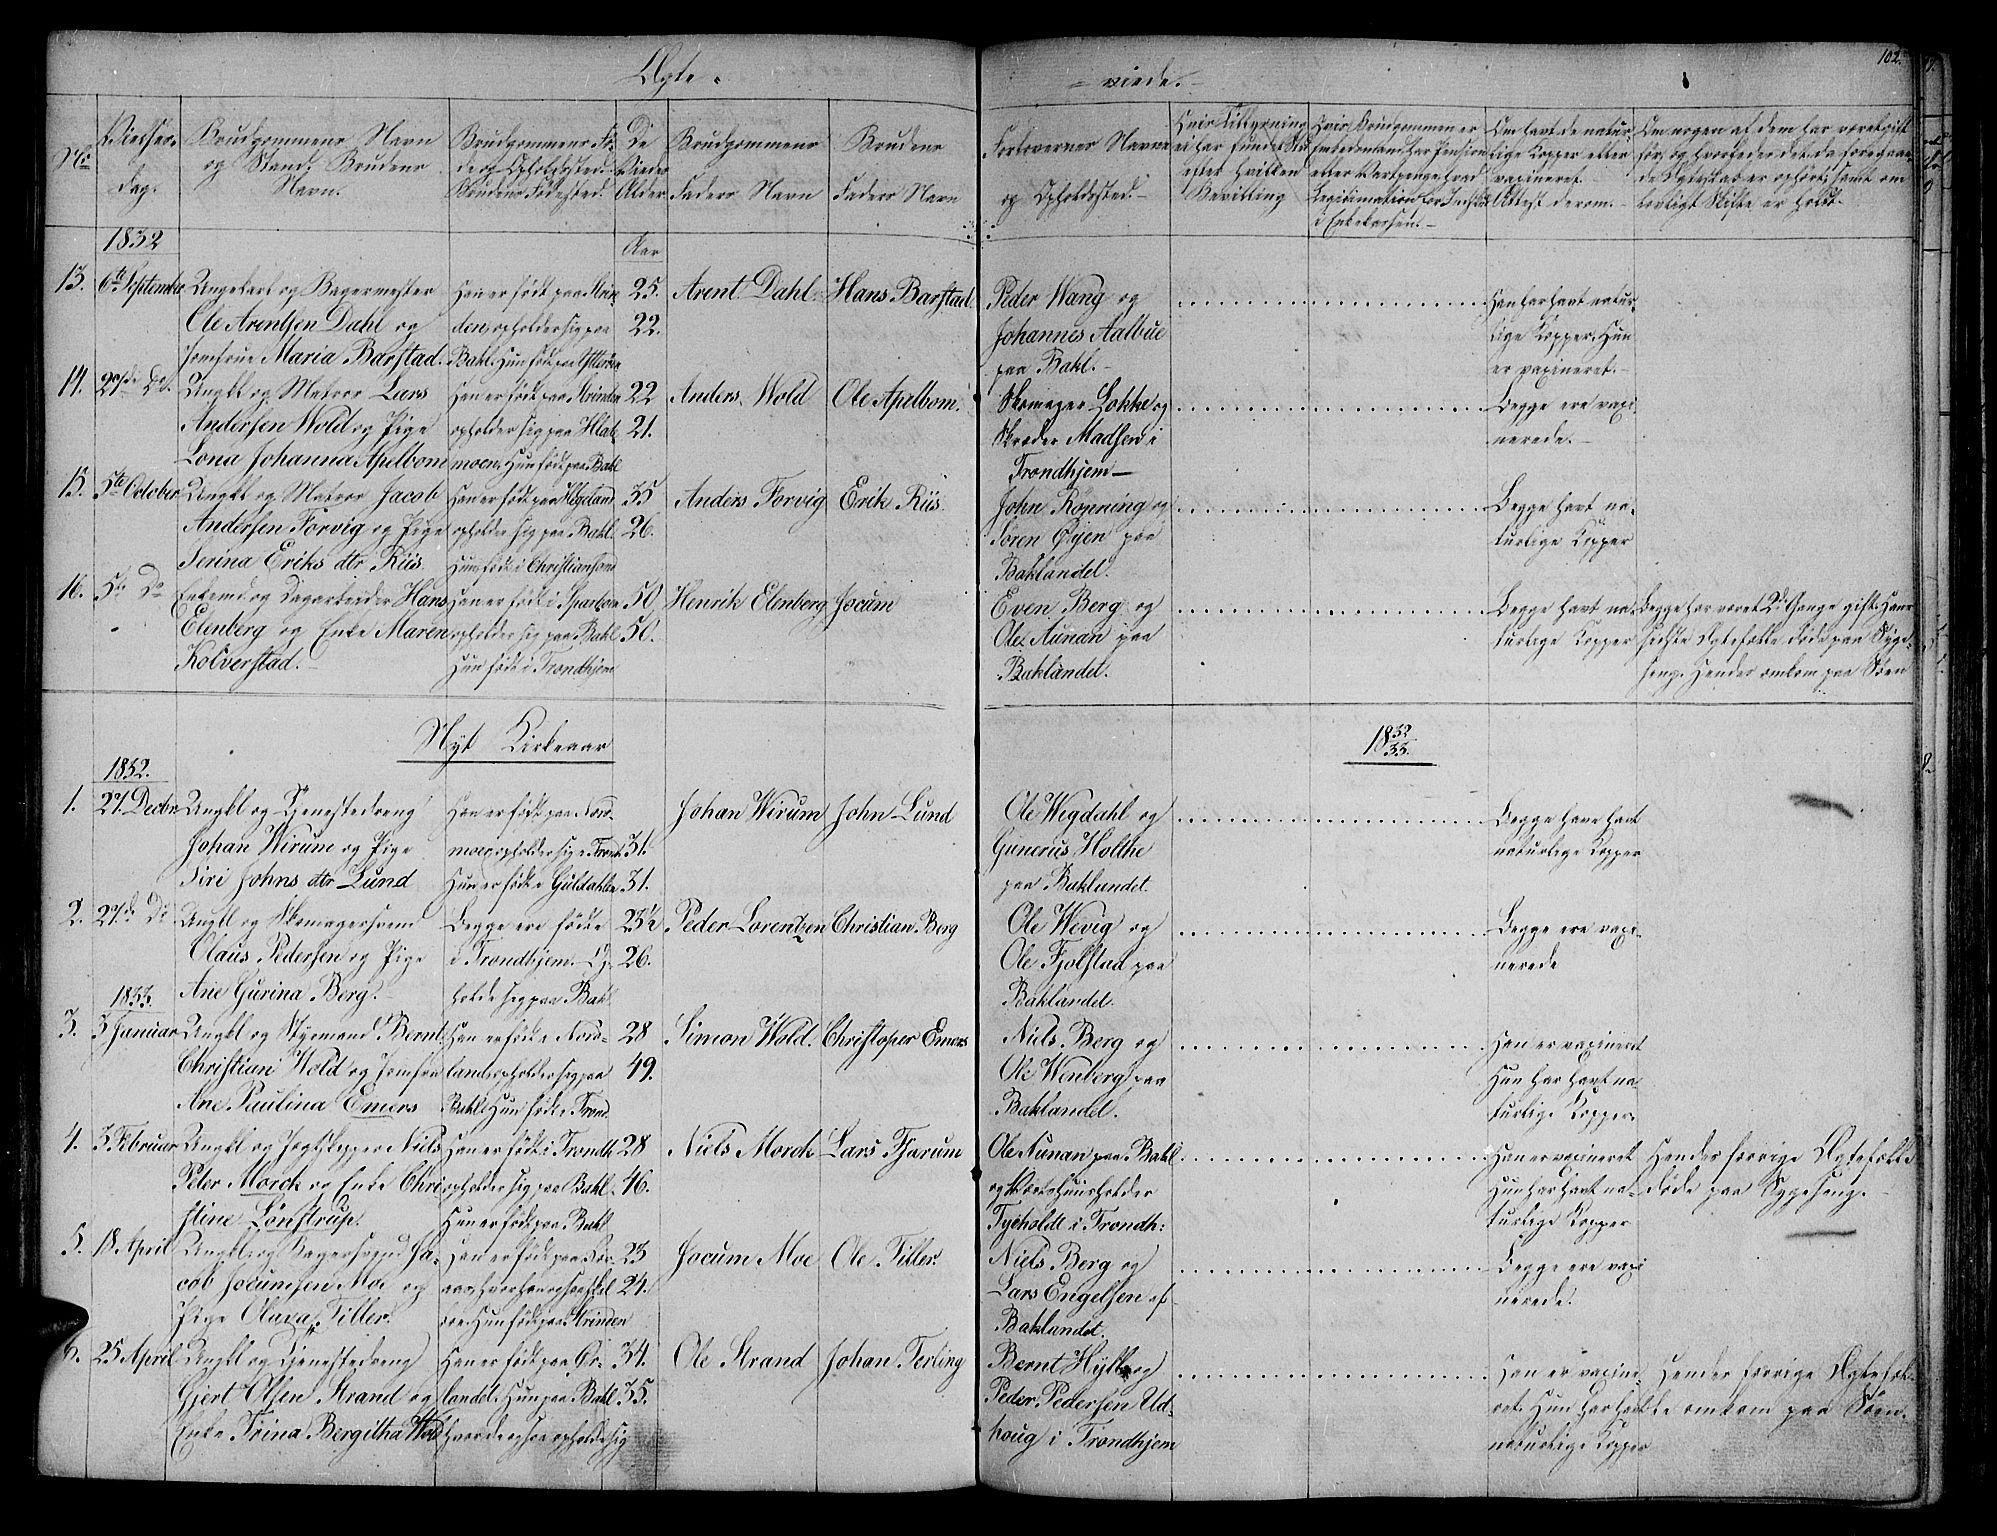 SAT, Ministerialprotokoller, klokkerbøker og fødselsregistre - Sør-Trøndelag, 604/L0182: Ministerialbok nr. 604A03, 1818-1850, s. 102